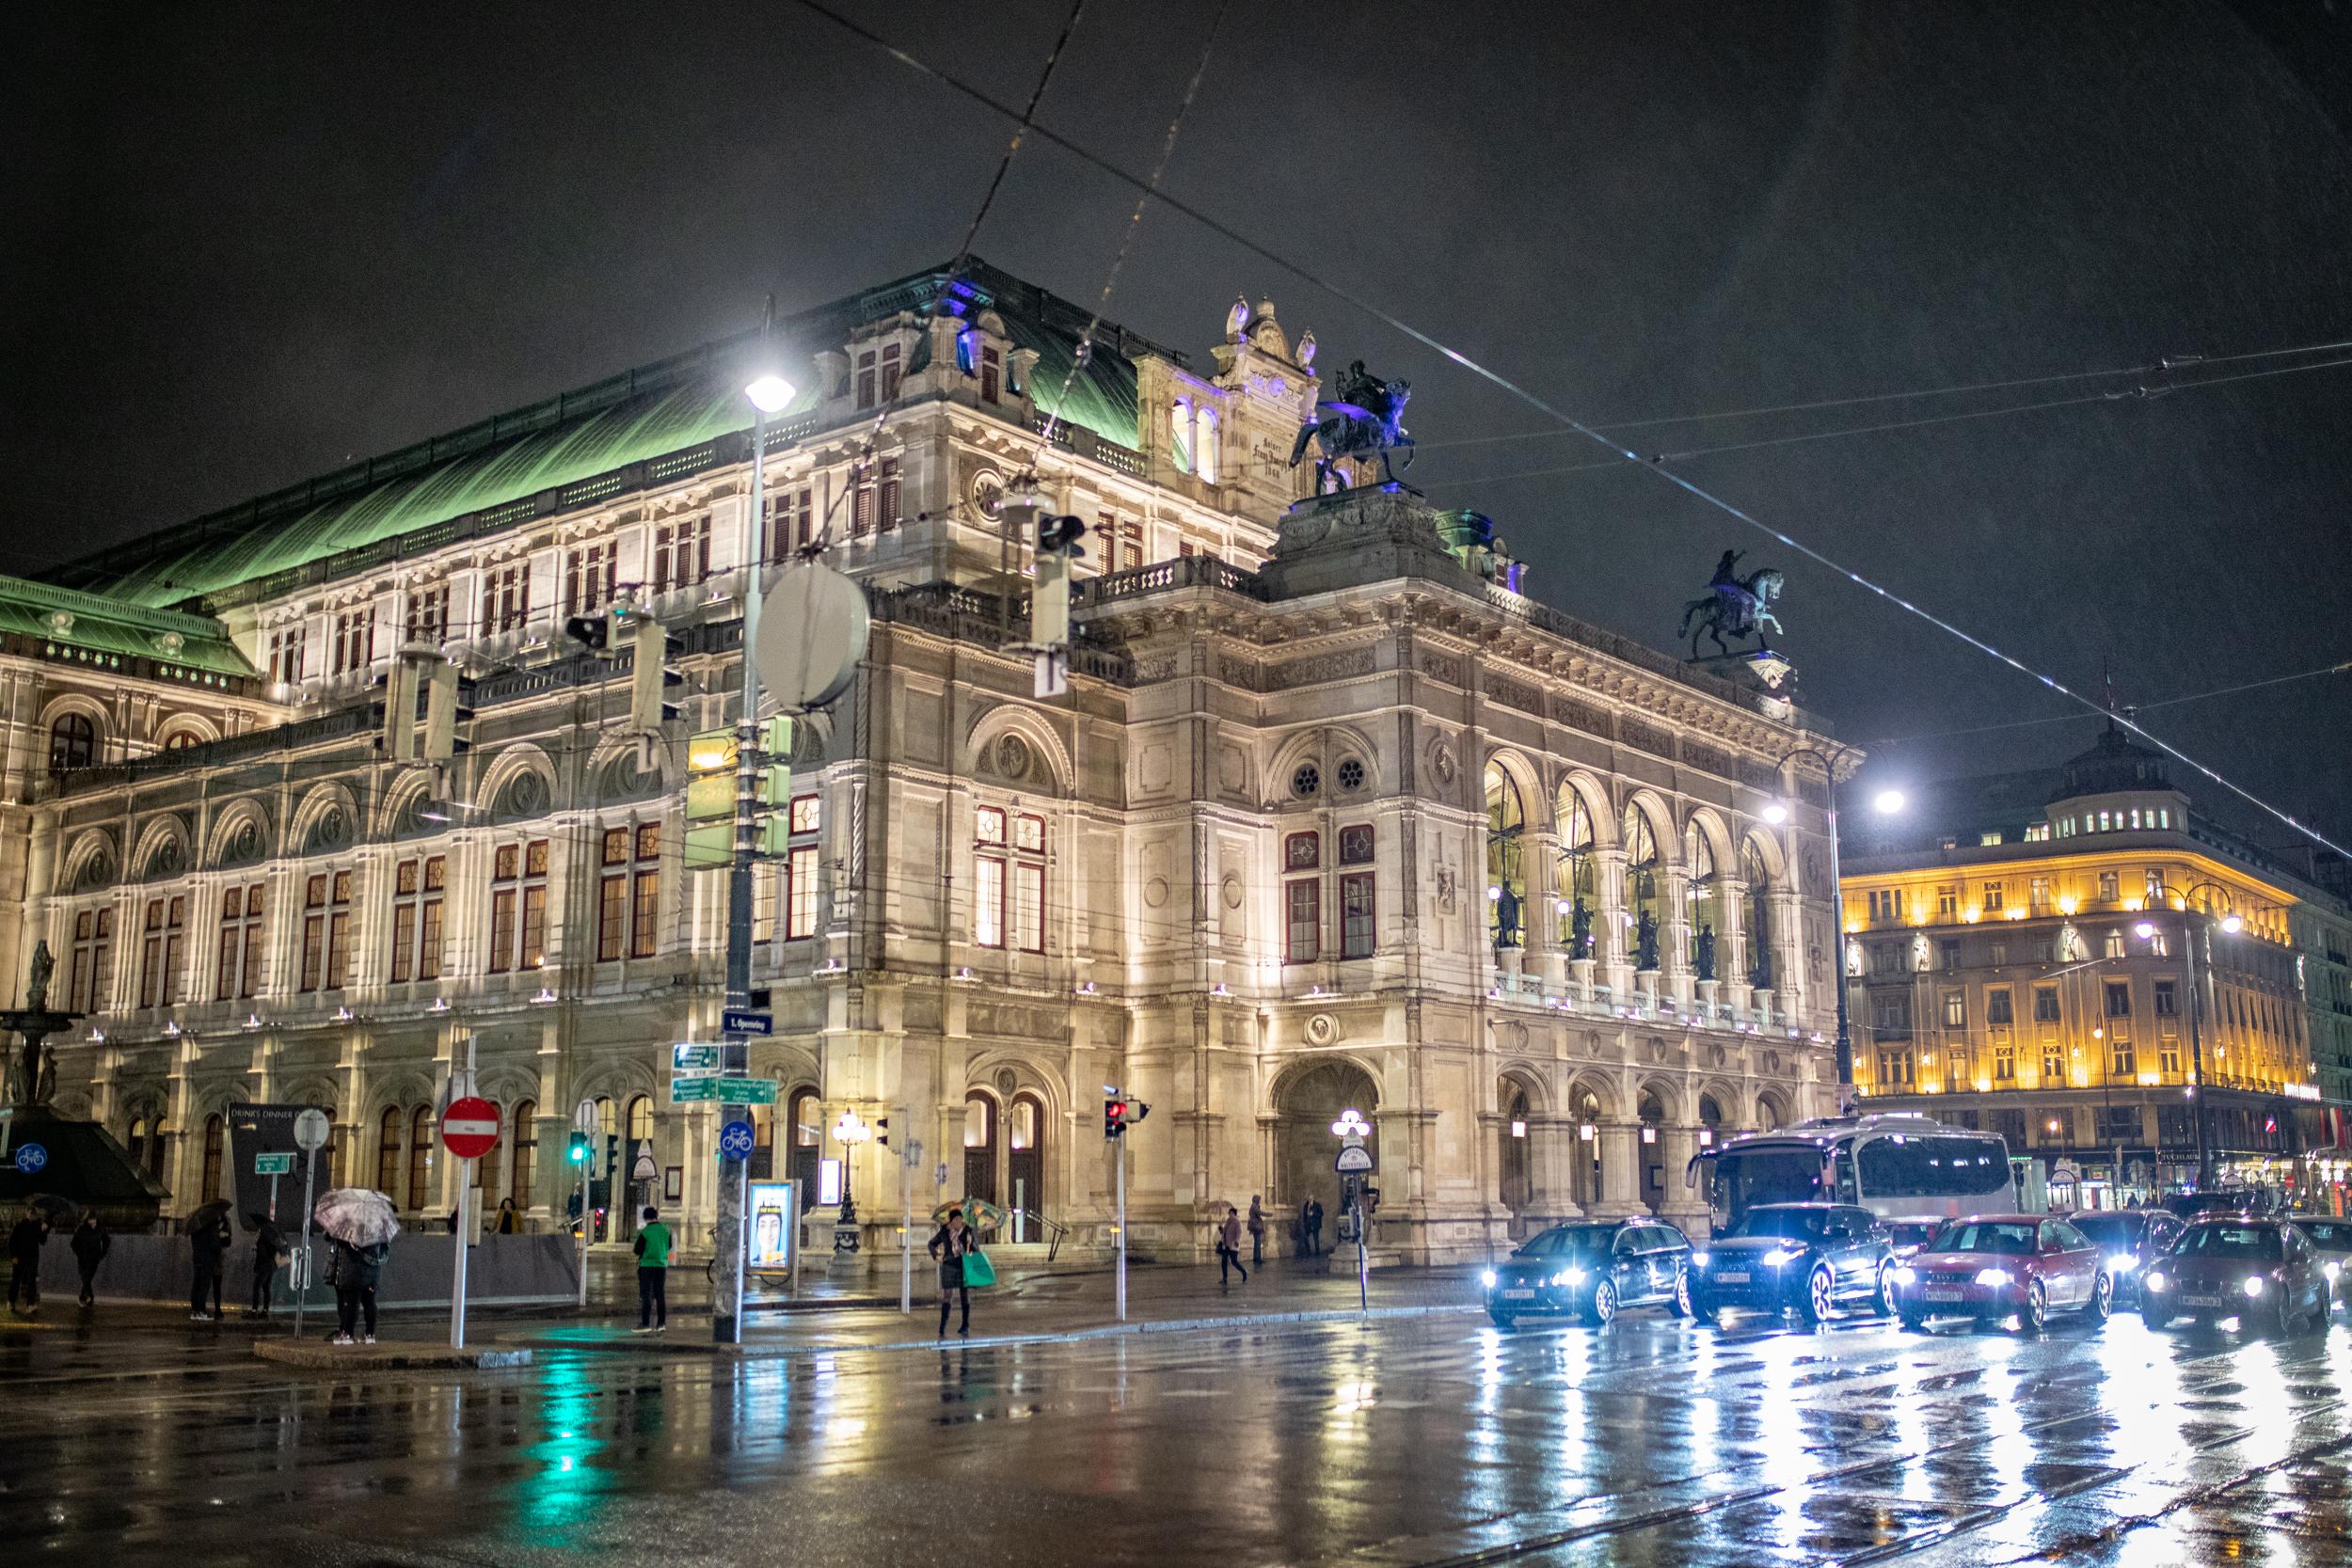 wien-nacht-regen-12-11-2019-10